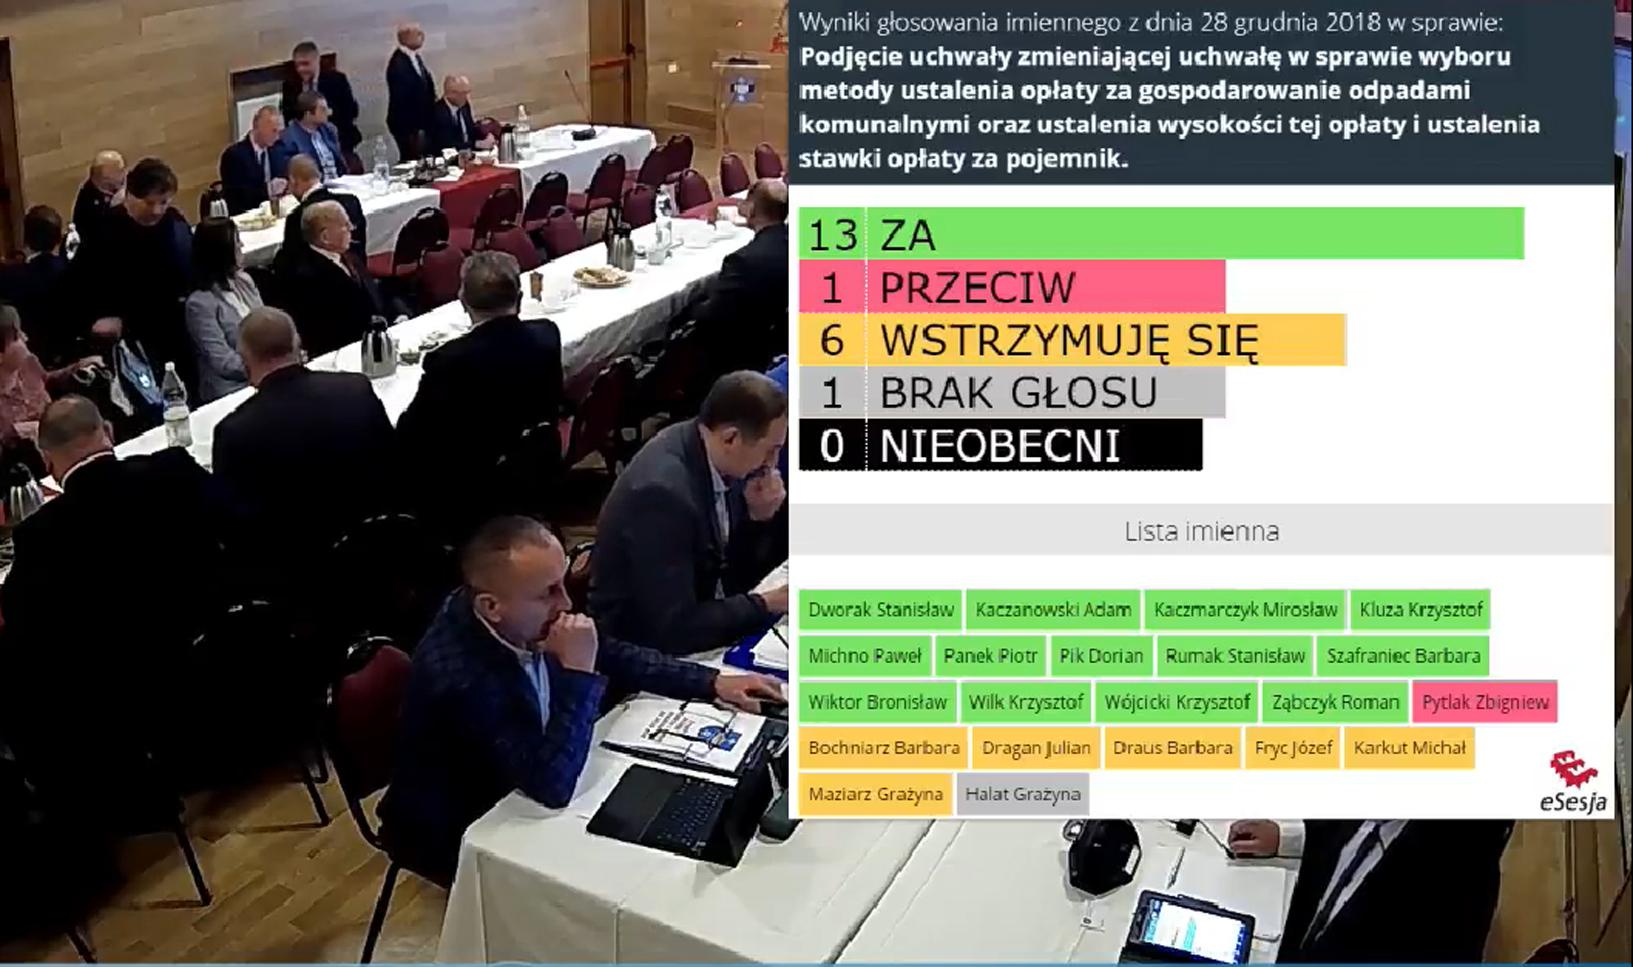 Śmieci będą o 50 proc. droższe. Sprawdź jak zagłosowali radni z gminy Kolbuszowa - Zdjęcie główne